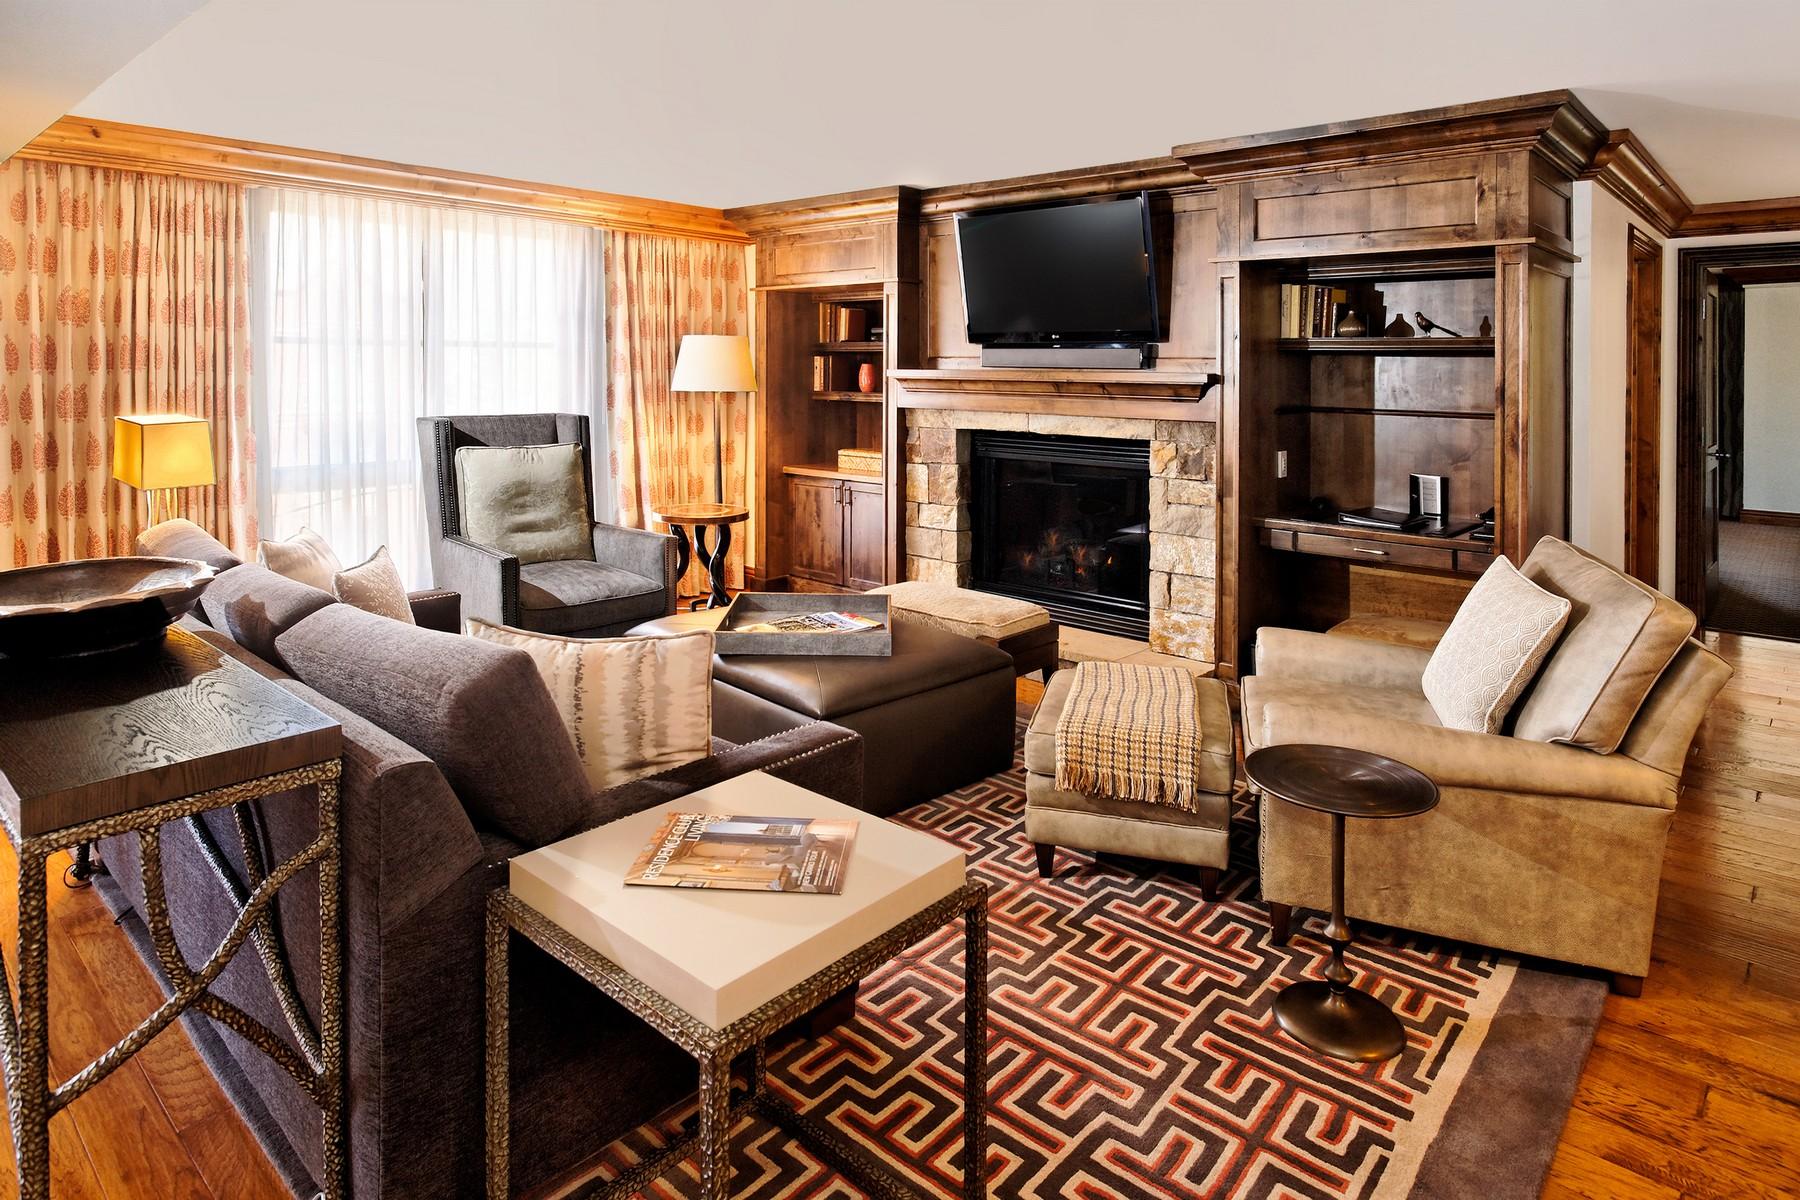 Кондоминиум для того Аренда на St. Regis 315 East Dean Street Aspen, Колорадо, 81611 Соединенные Штаты